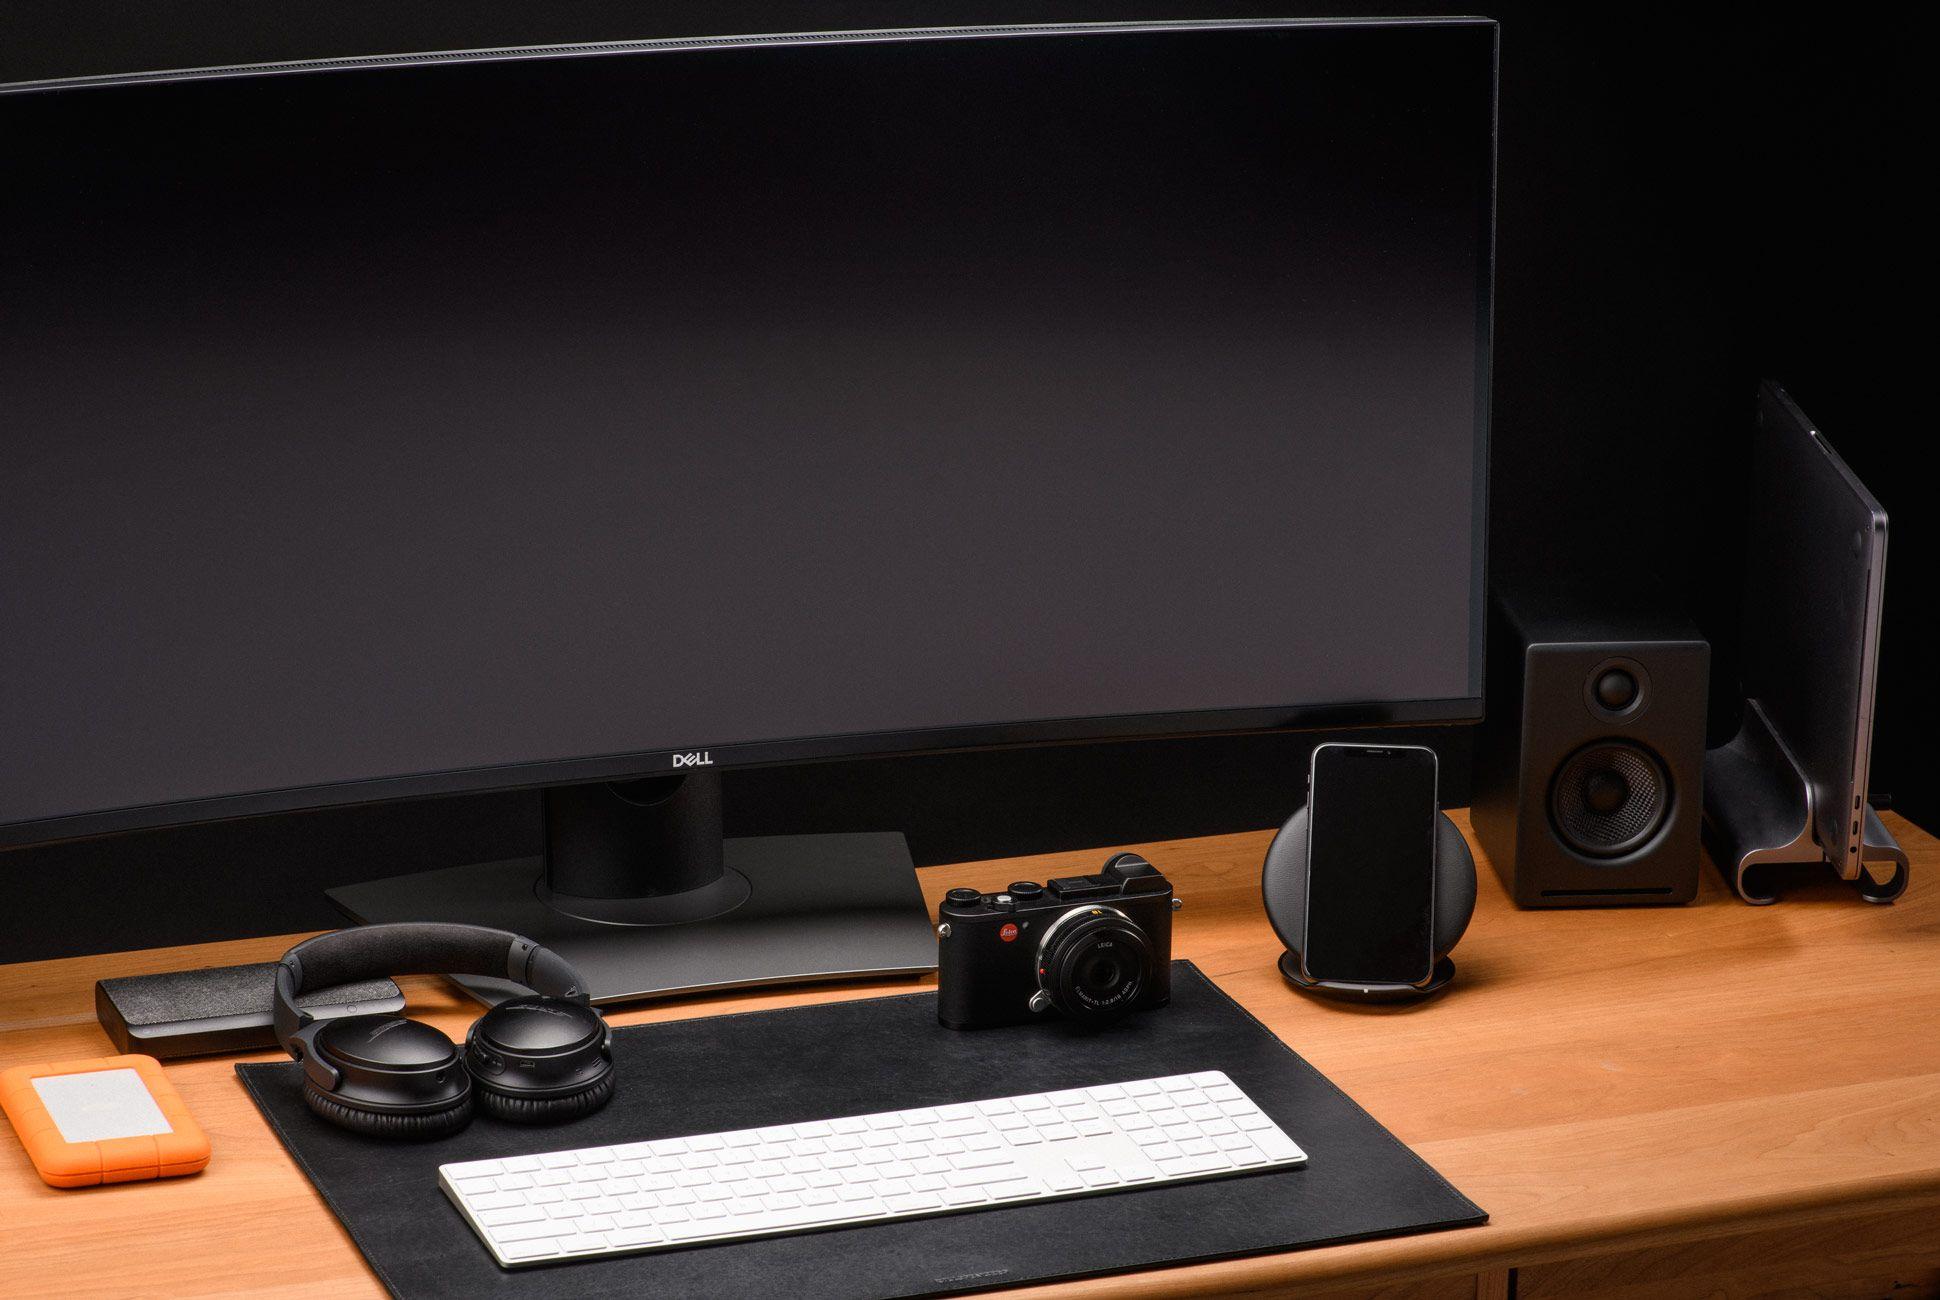 Ultimate-Desk-Setups-Gear-Patrol-Semi-Pro-1